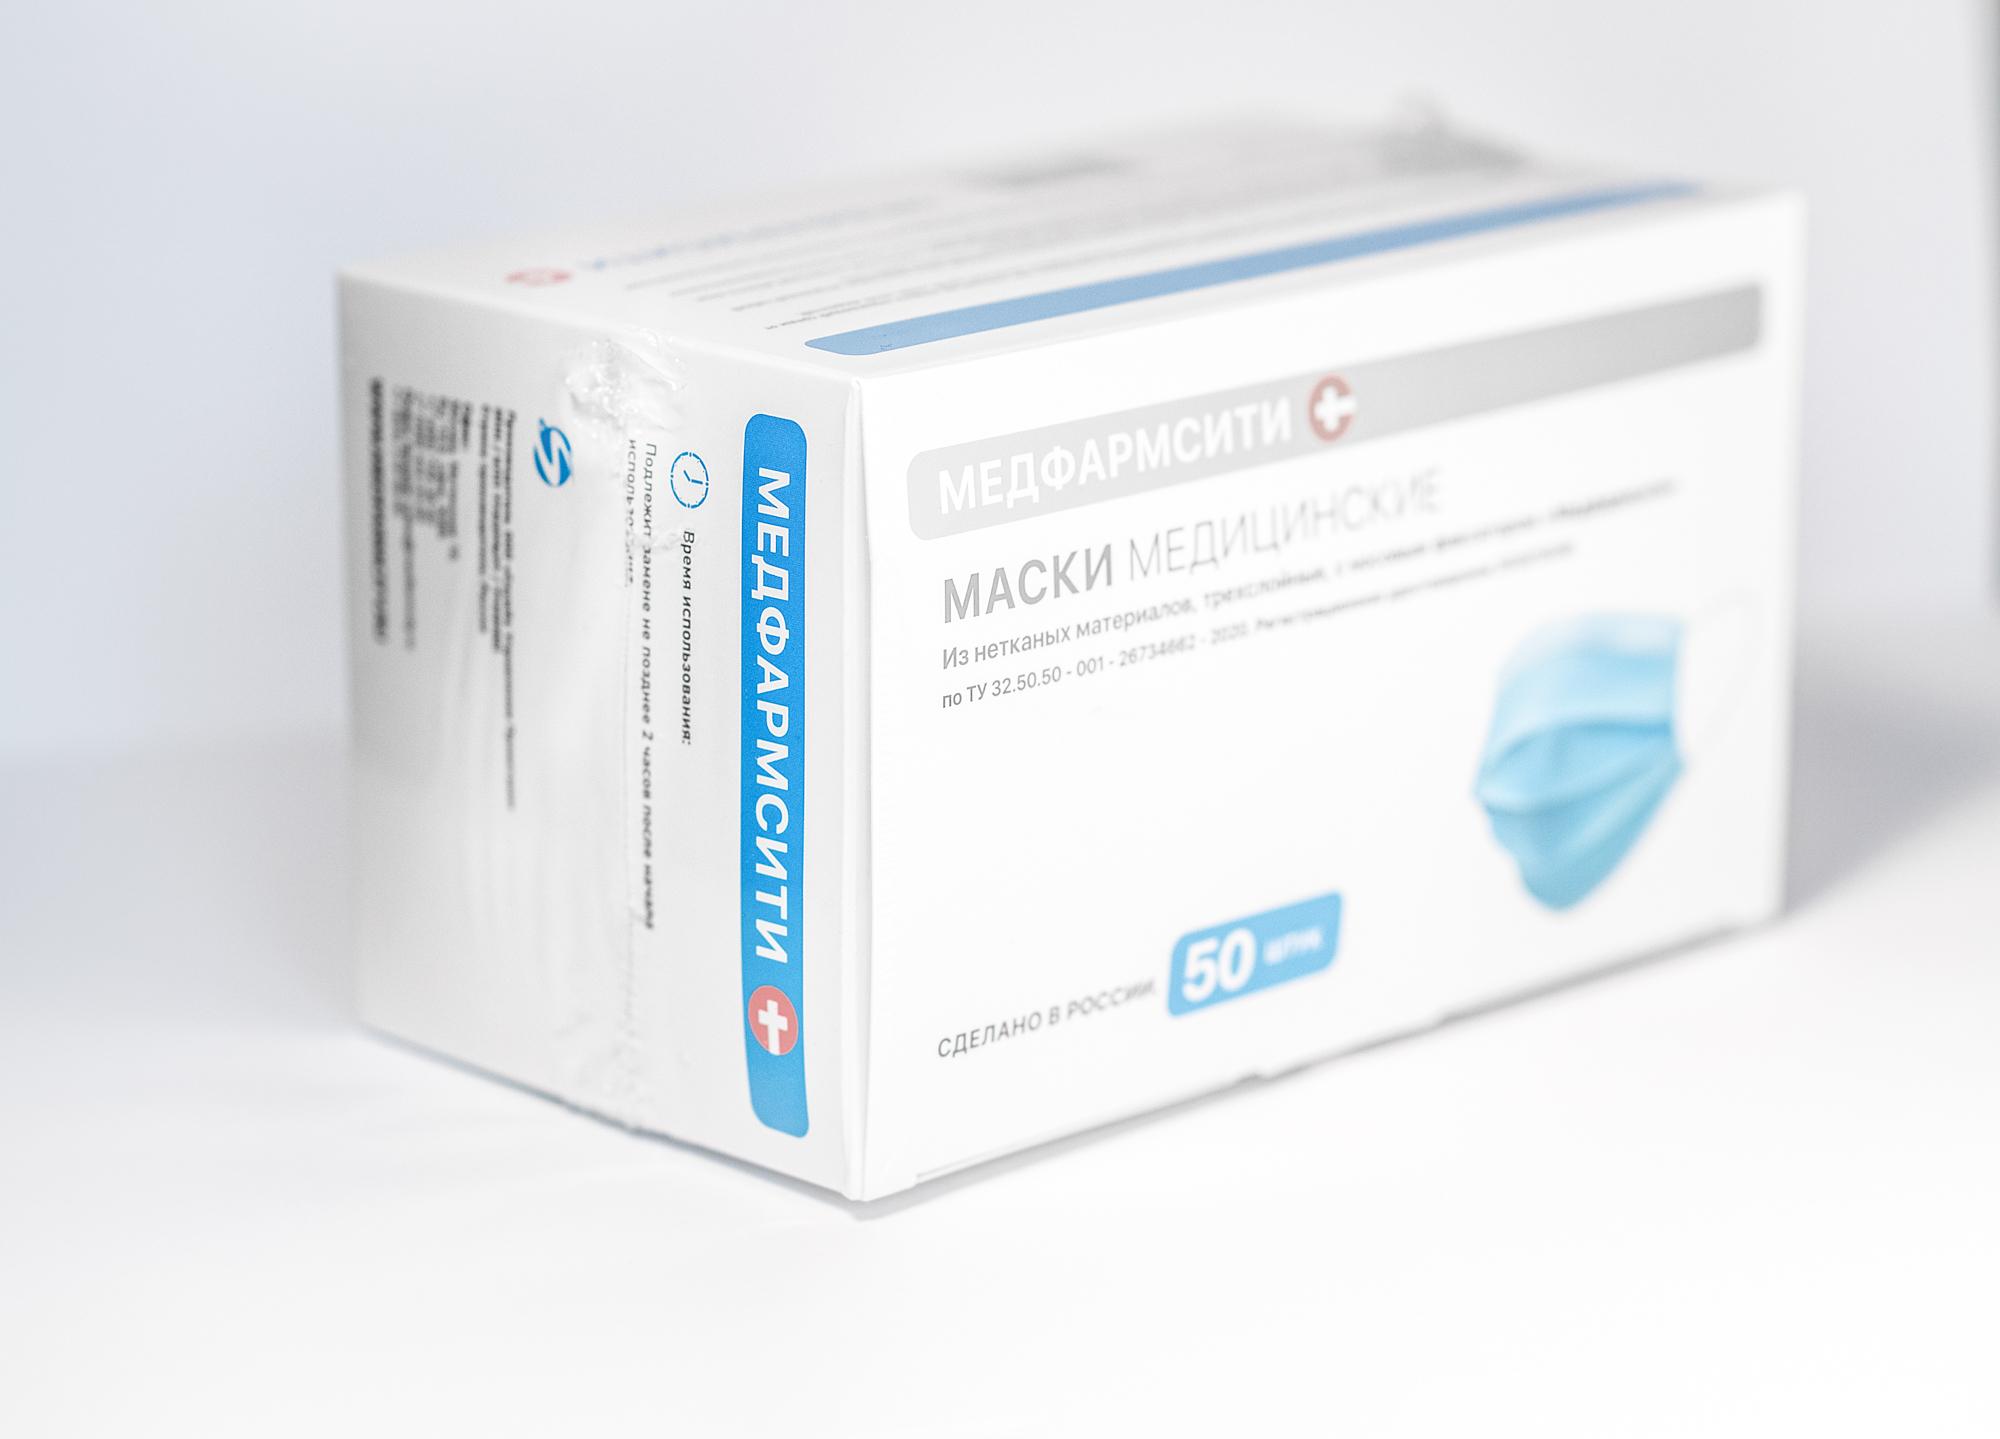 Купить Медфармсити Маска медицинская, трехслойная, одноразовая с носовым фиксатором серия премиум 50 шт (Медфармсити, Премиум)